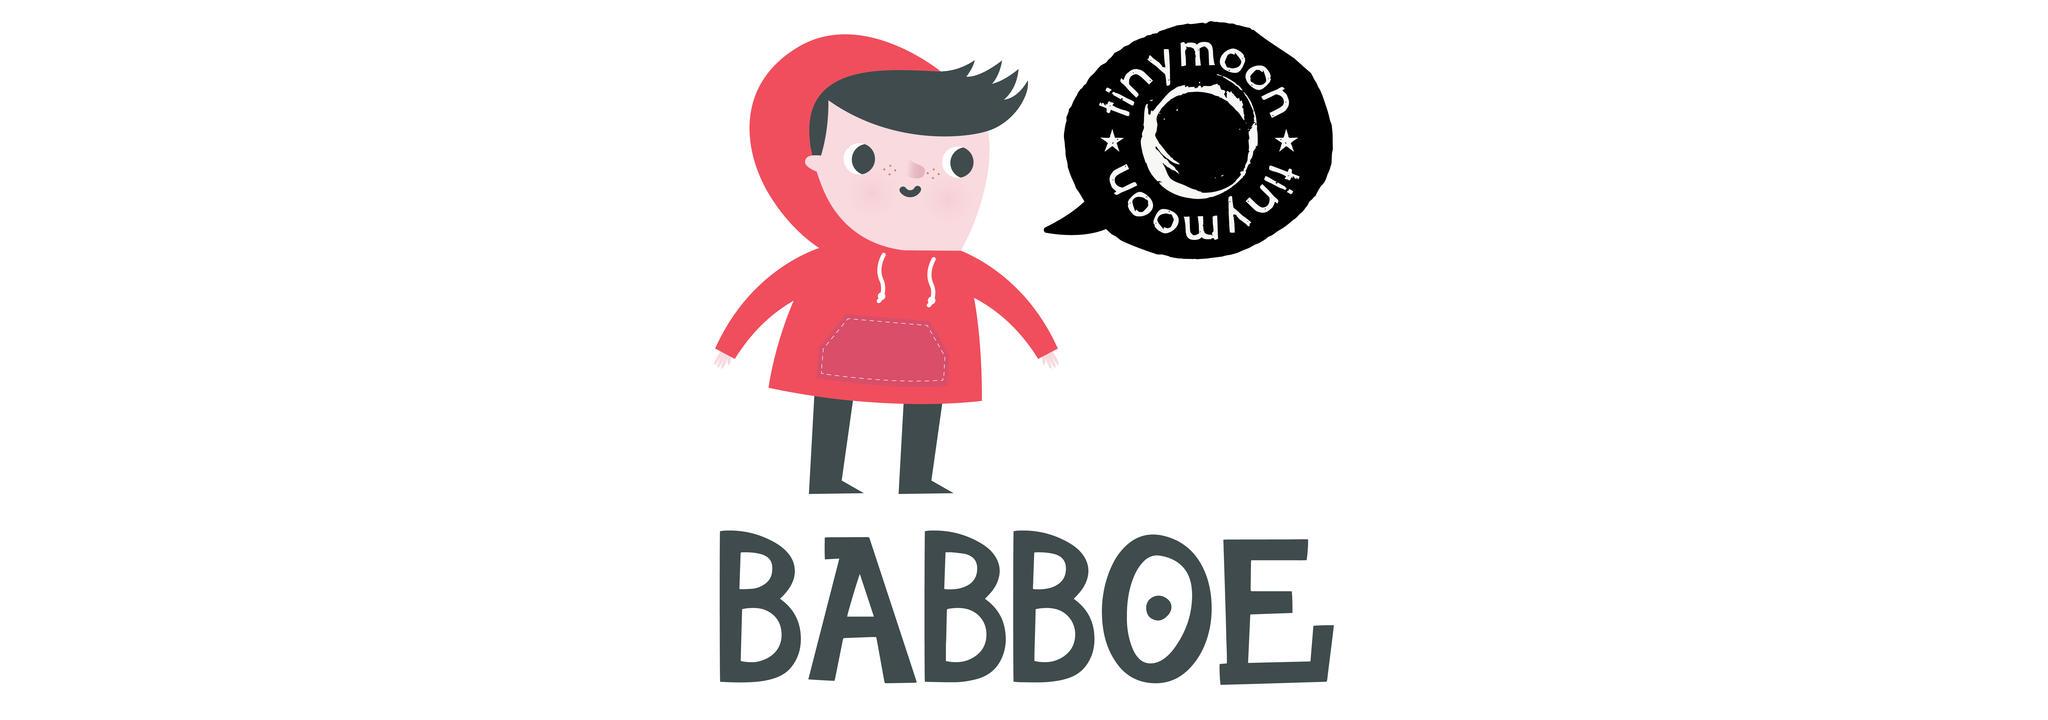 Babboe & tinymoon